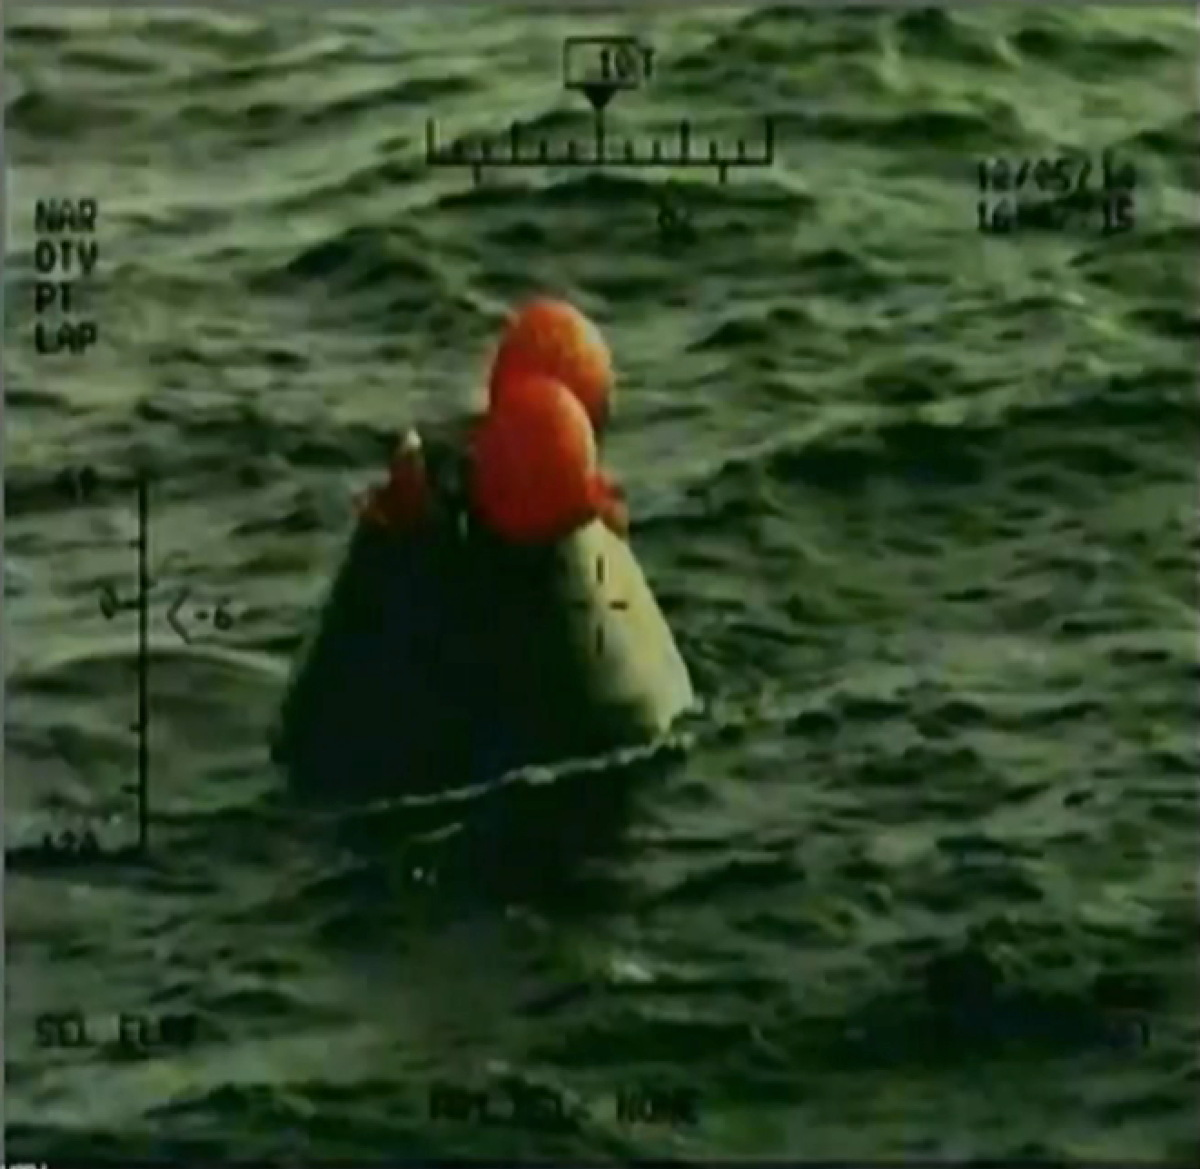 Orion Capsule Post-Splashdown